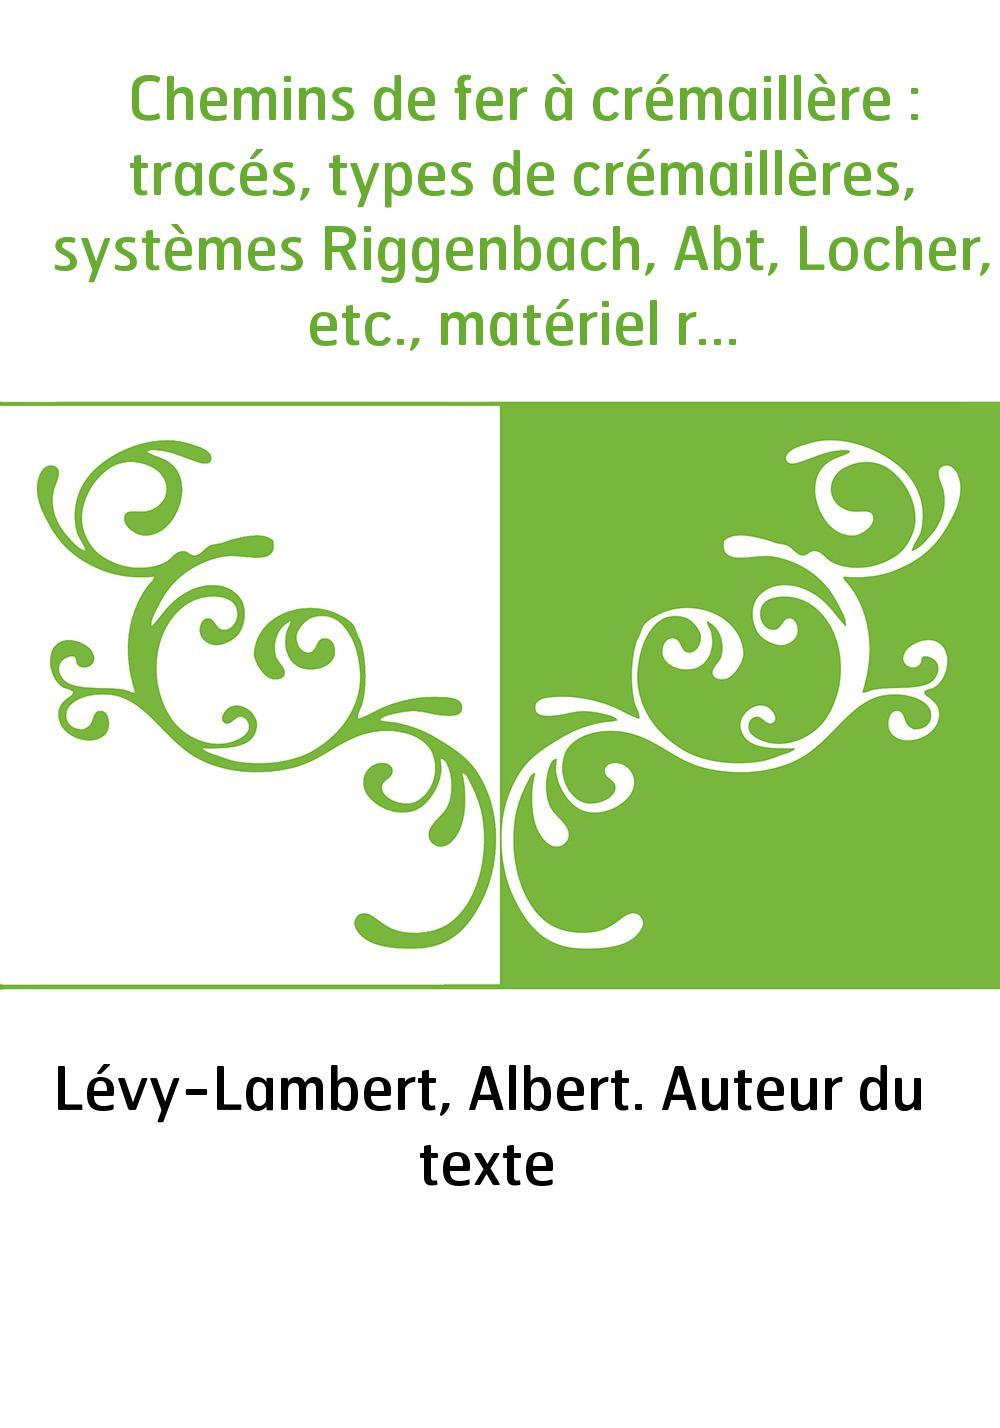 Chemins de fer à crémaillère : tracés, types de crémaillères, systèmes Riggenbach, Abt, Locher, etc., matériel roulant, exploita